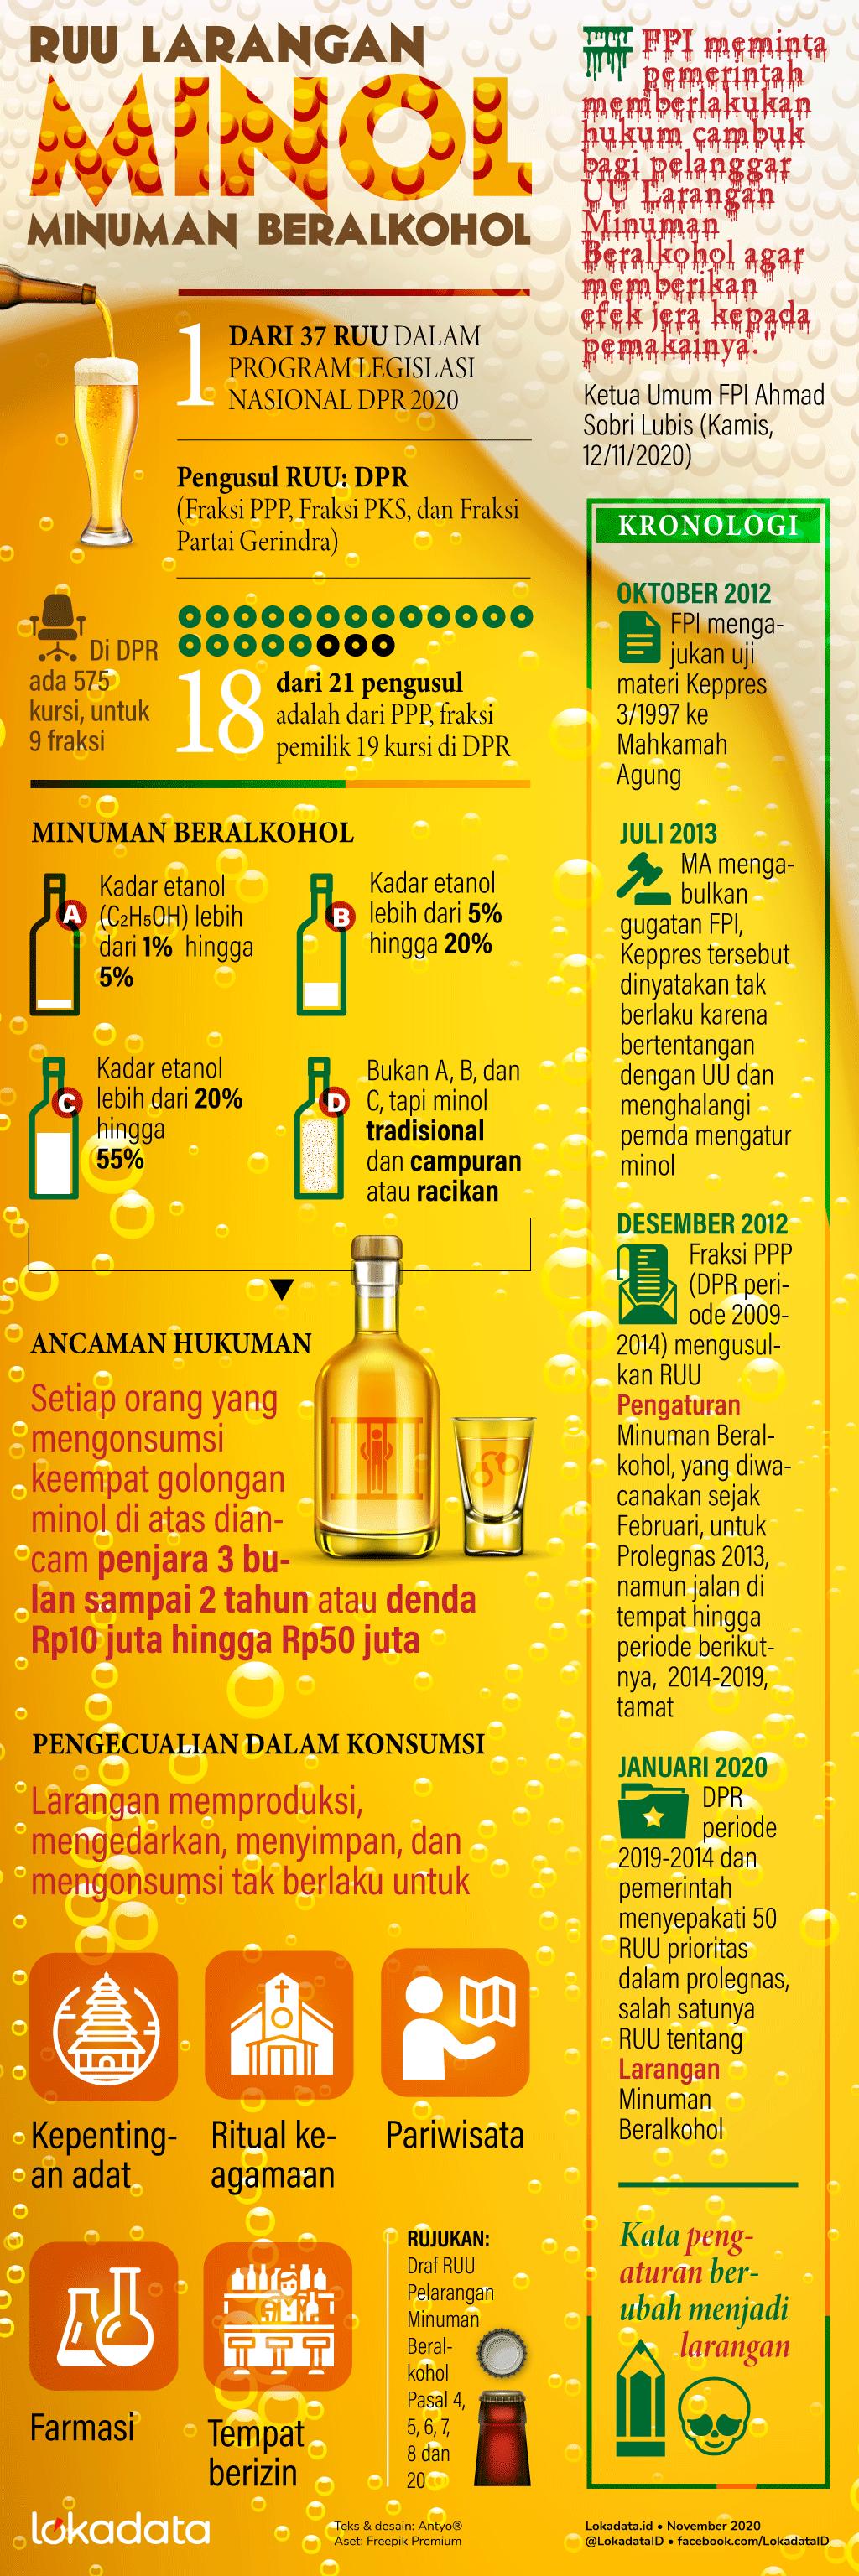 RUU Pelarangan minuman beralkohol bermula dari FPI